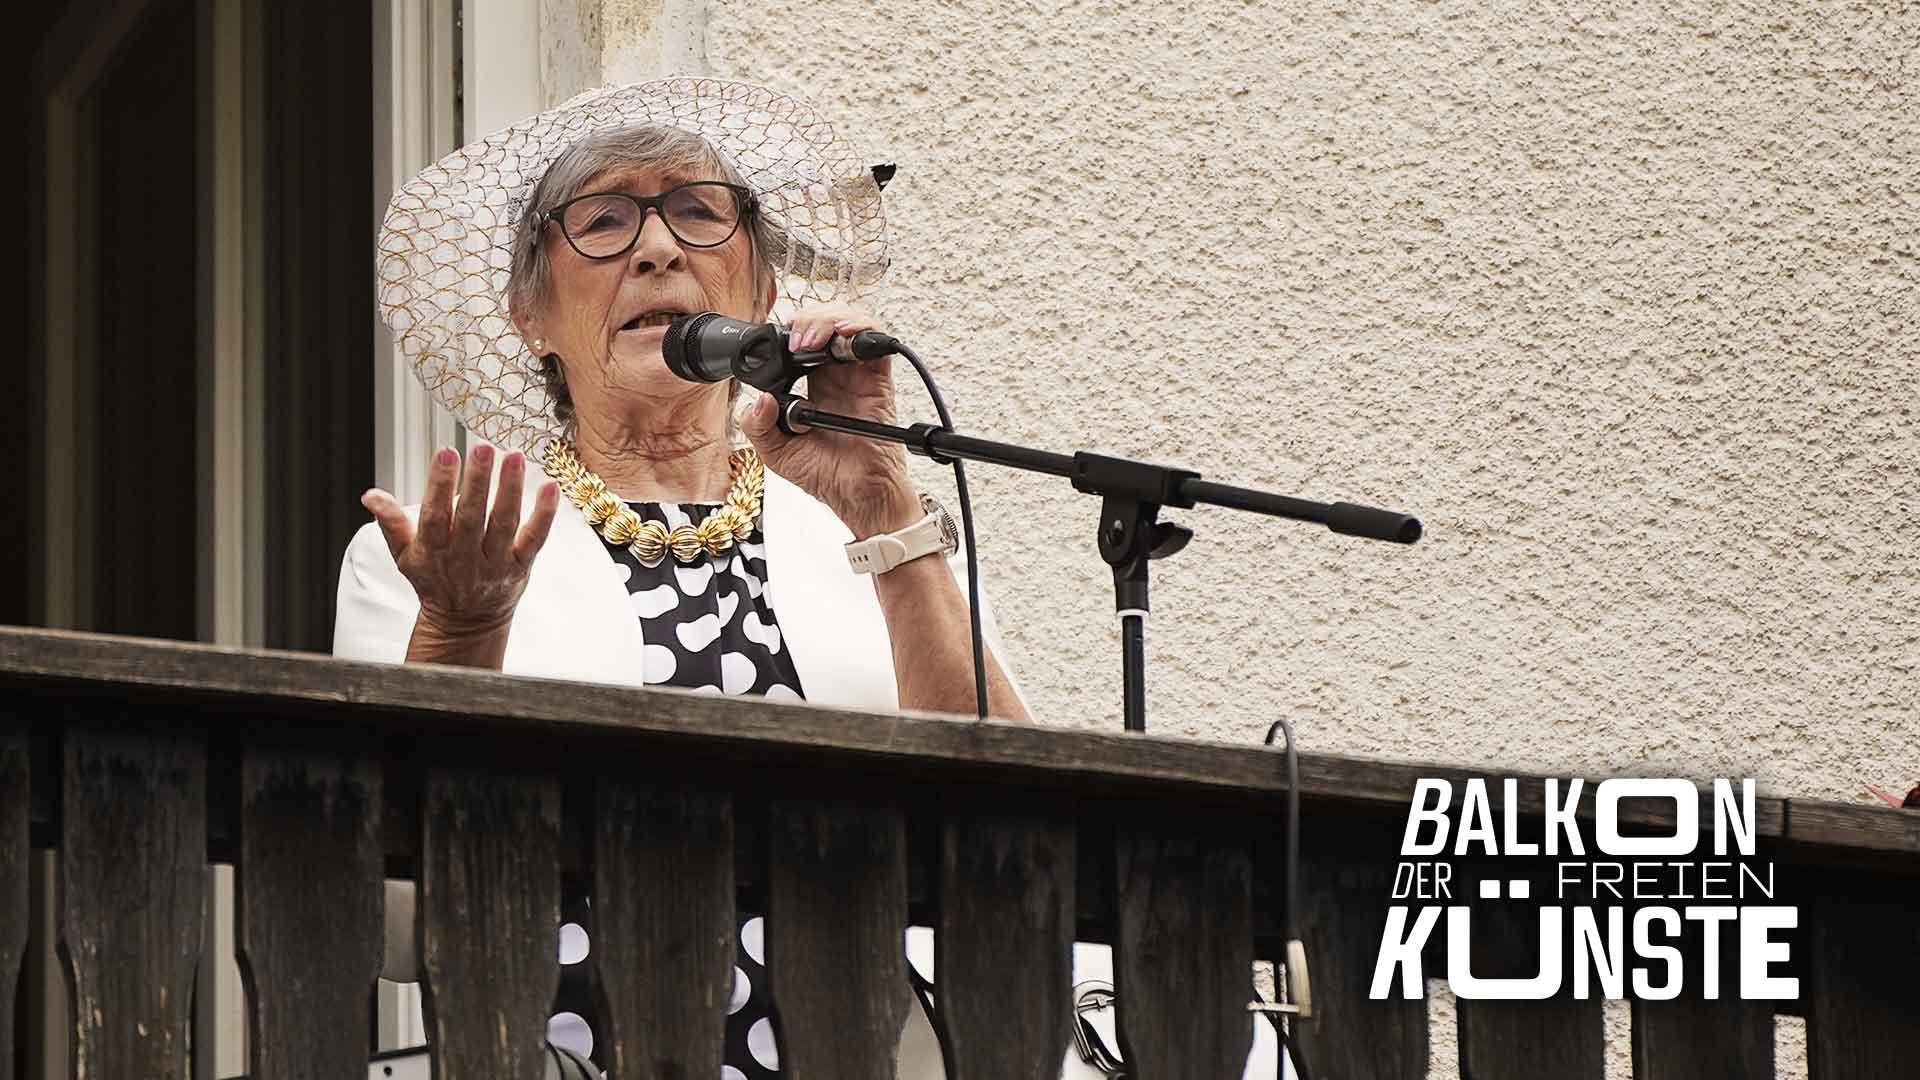 Comedy mit Ute Lehwald auf dem Balkon der freien Künste